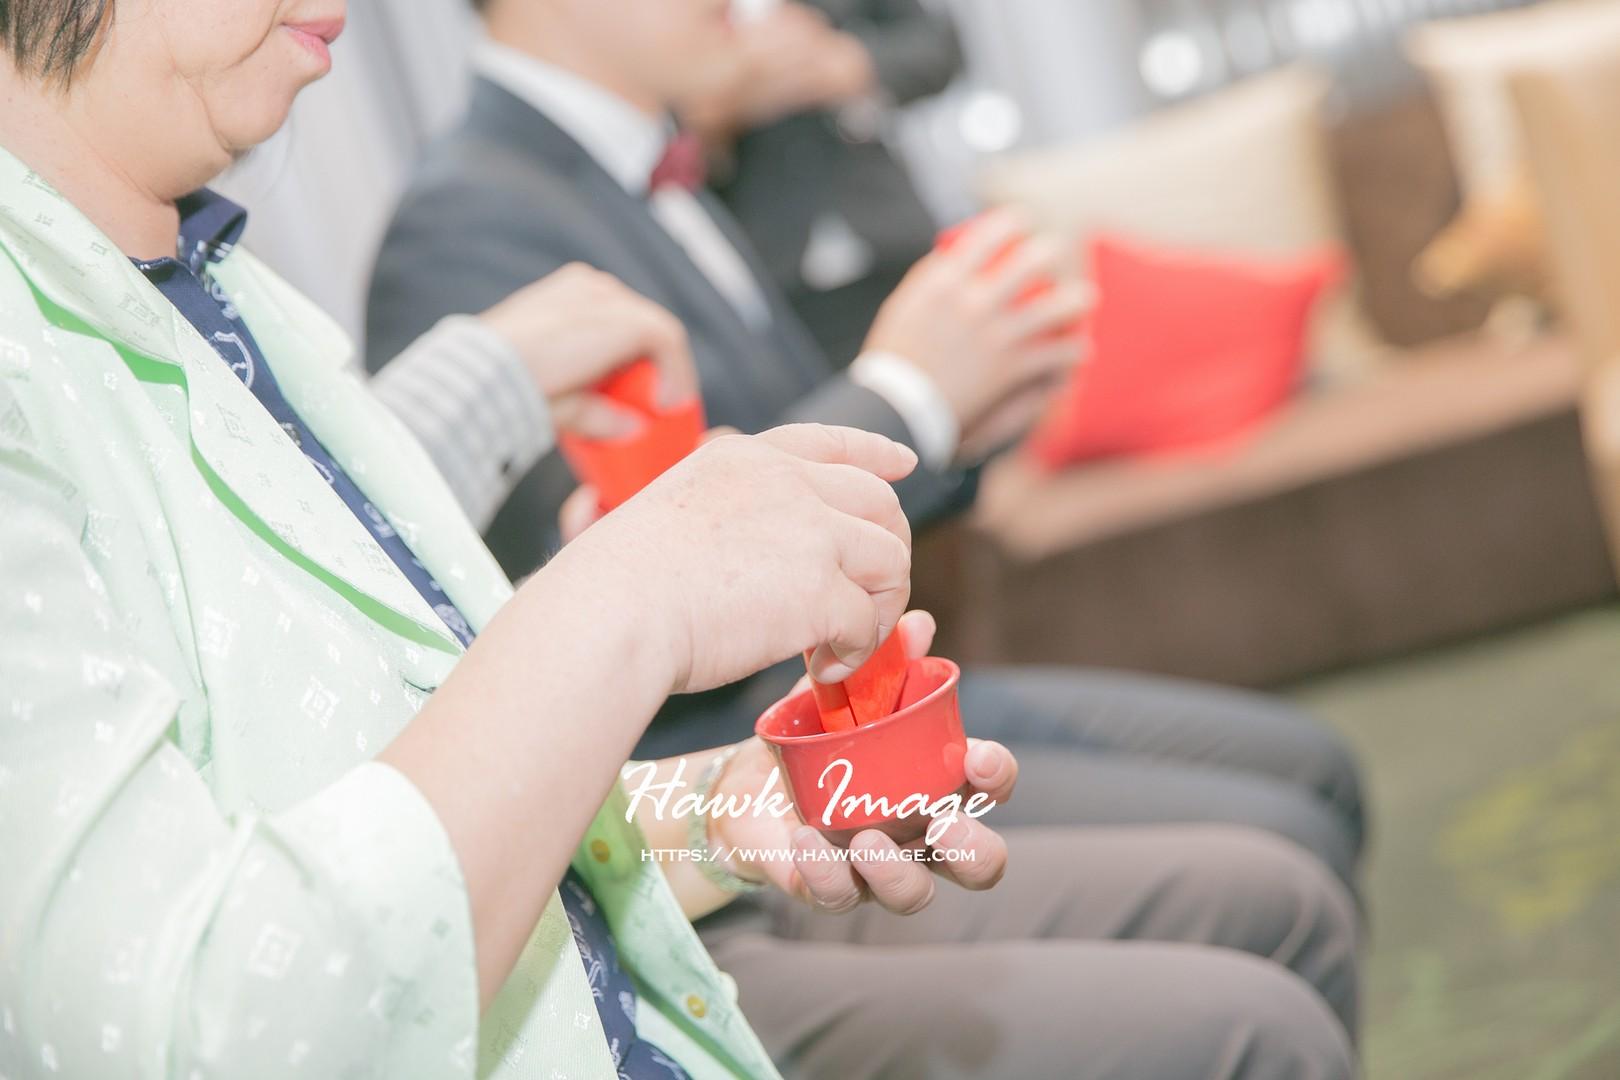 婚禮攝影新竹,婚禮攝影桃園,婚禮記錄,婚禮攝影價格